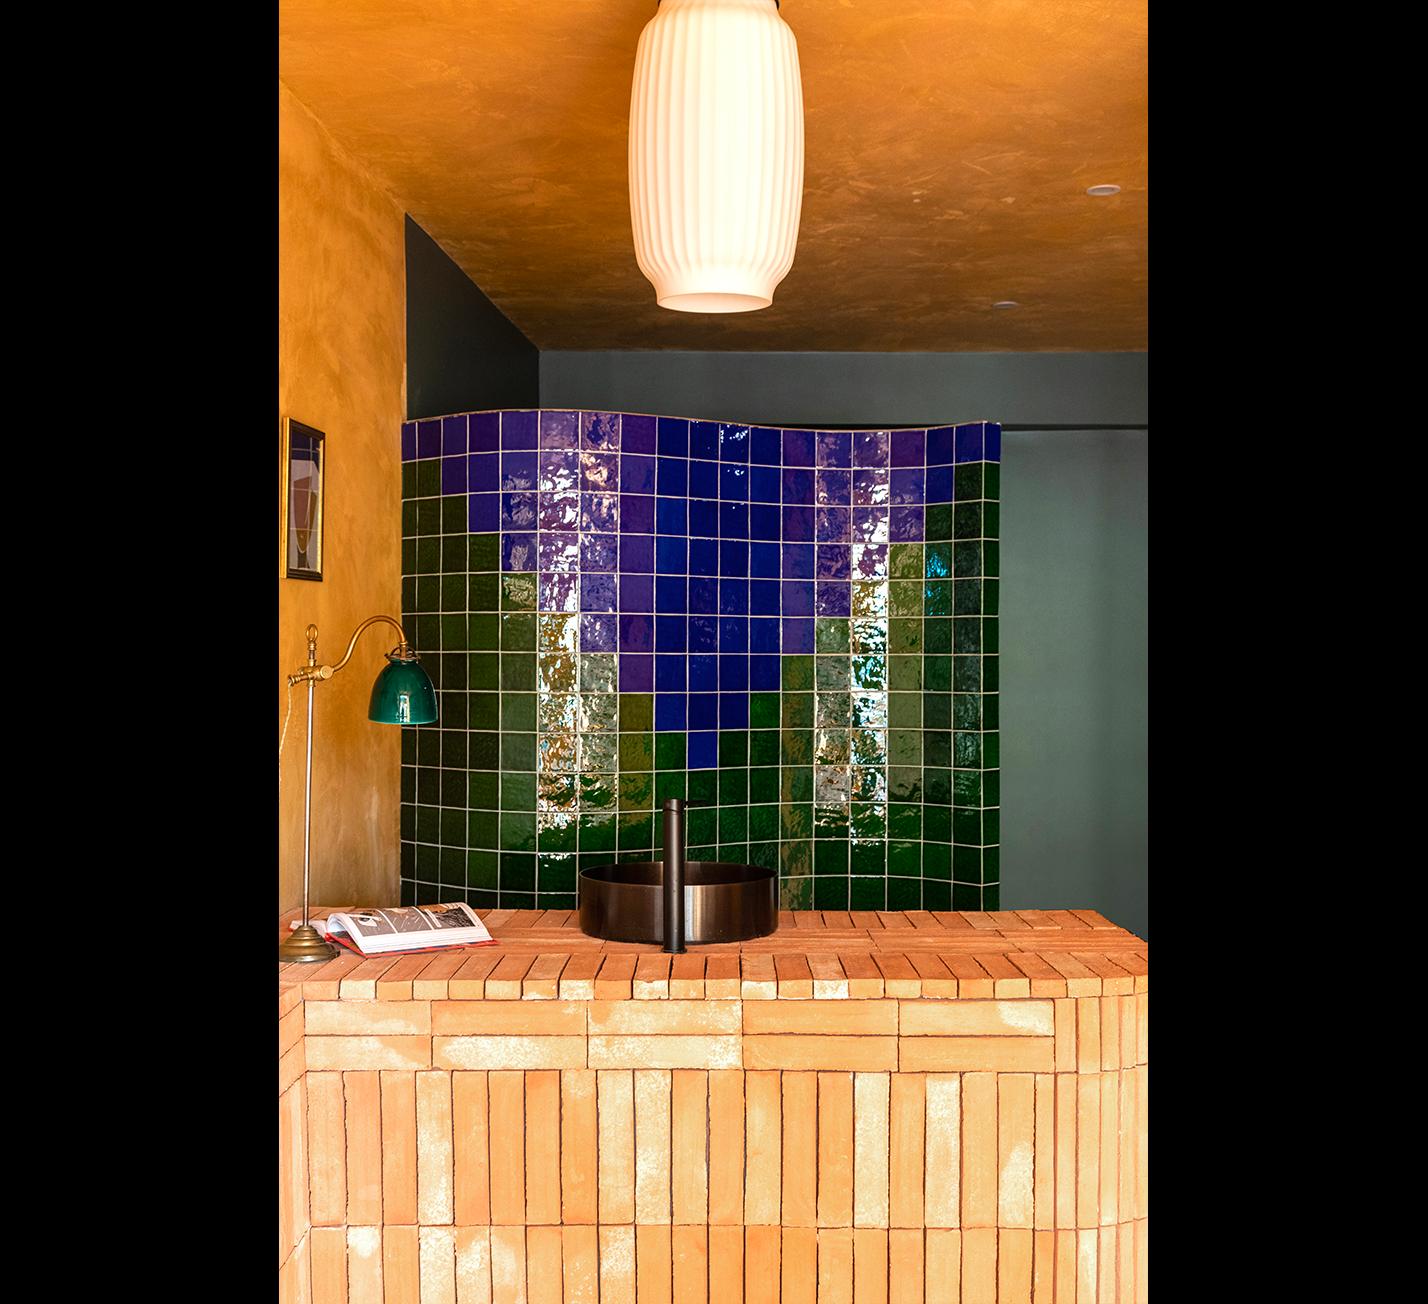 Rerenga-Wines-paris-rénovation-architecture-paris-construction-atelier-steve-pauline-borgia-7